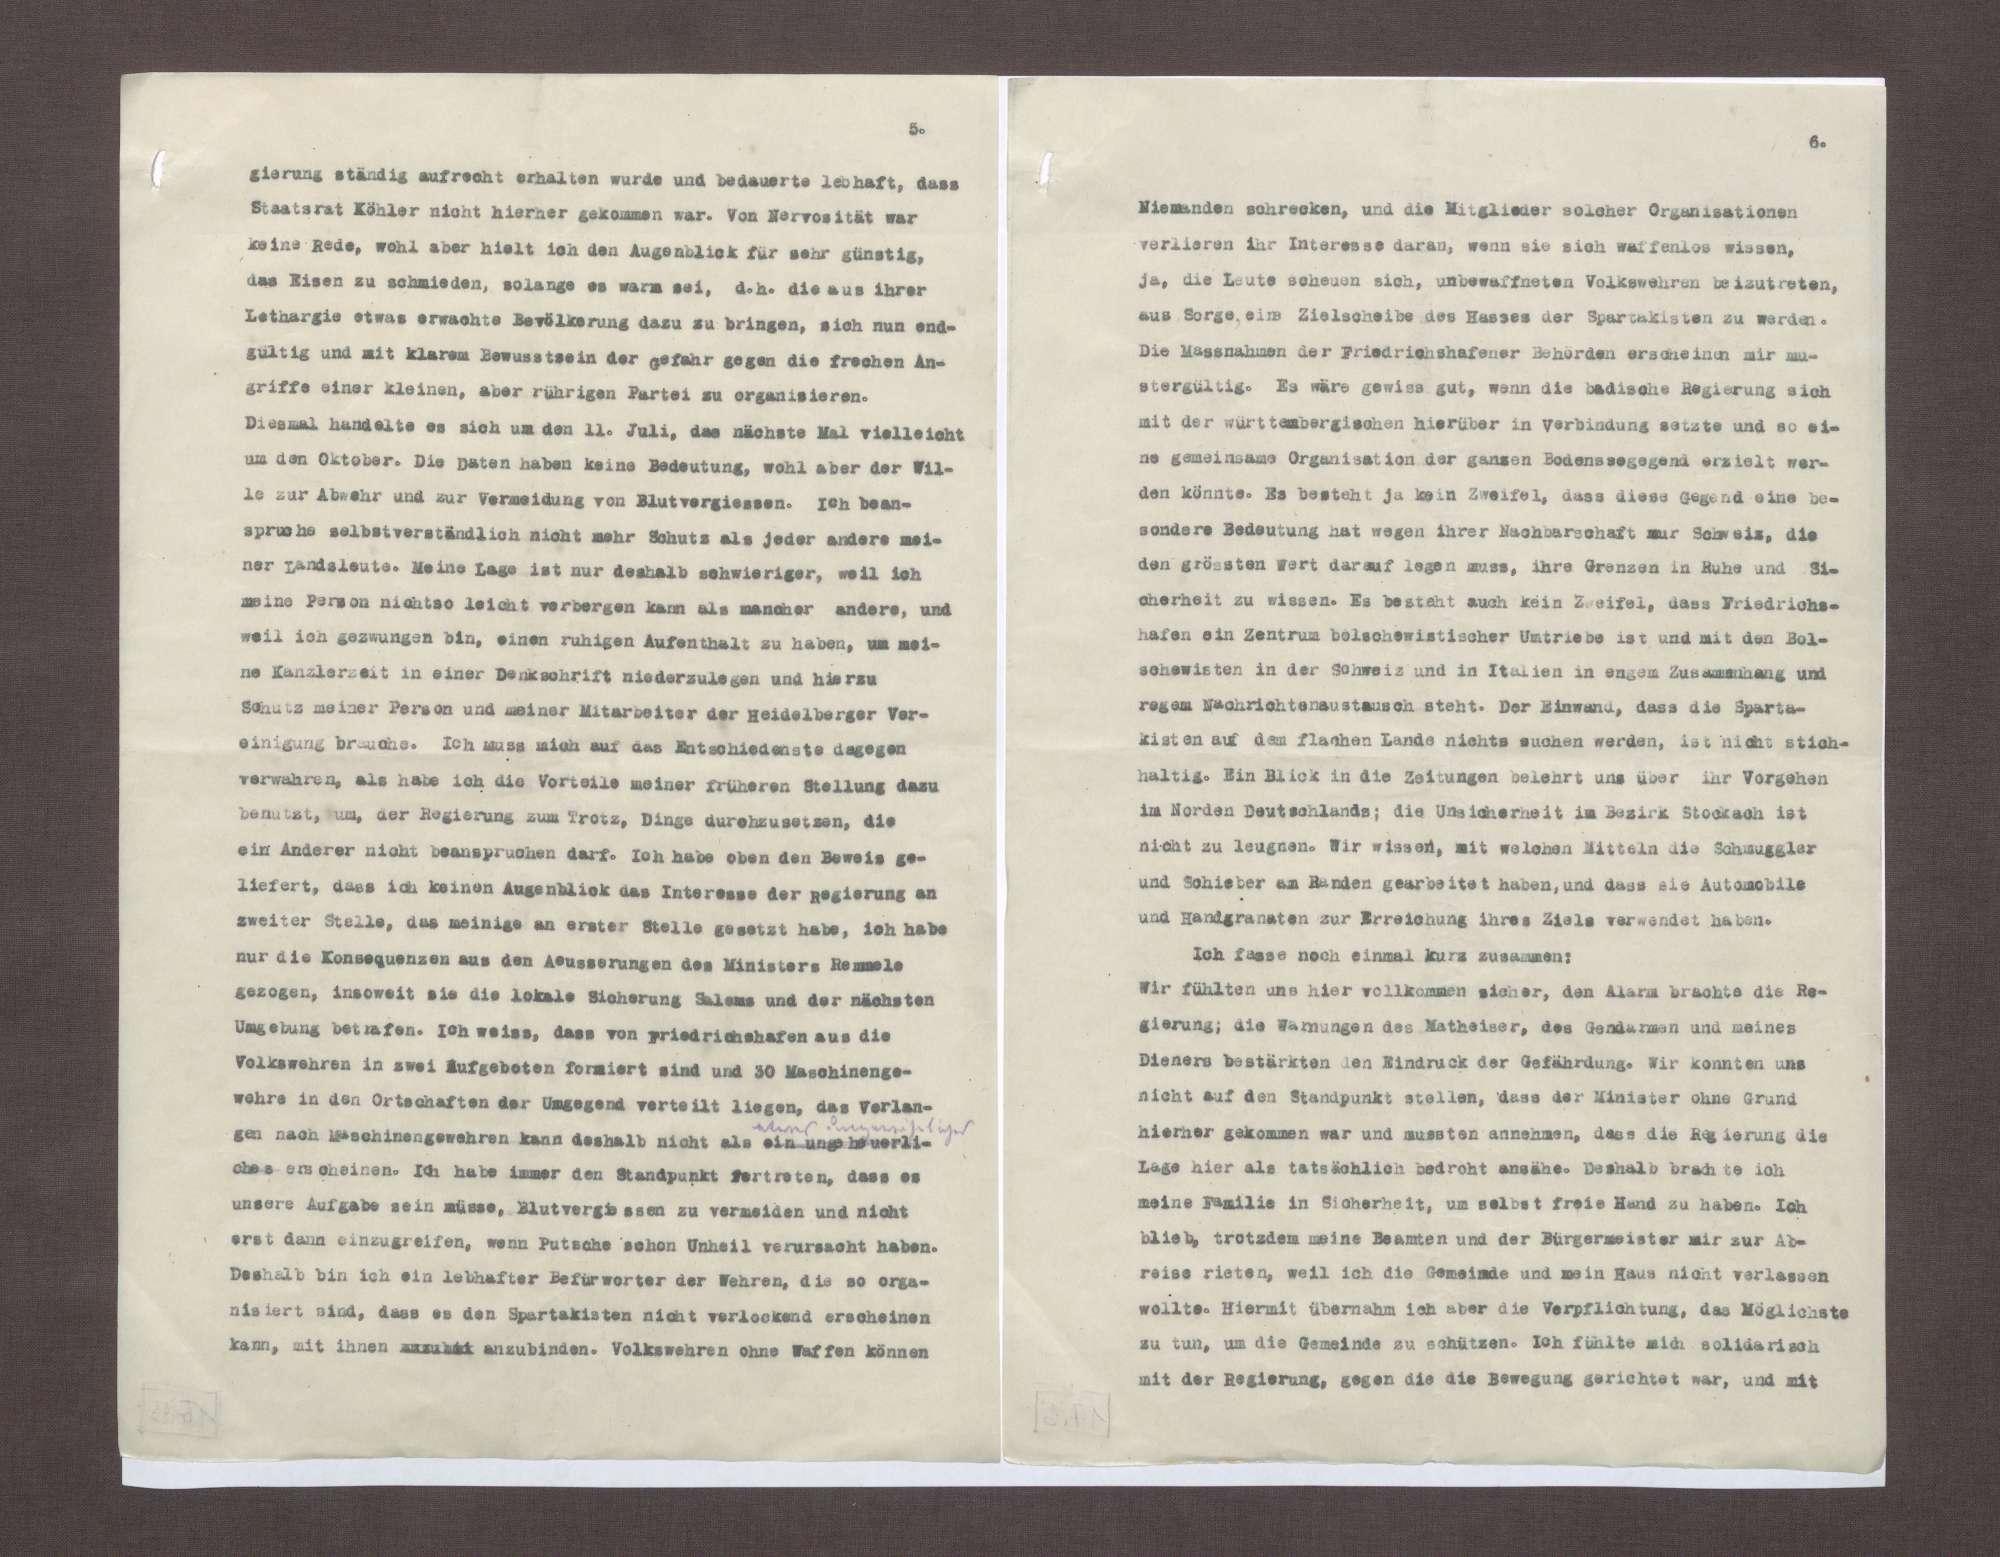 Schreiben von Prinz Max von Baden an Anton Geiß; Erklärung der Flucht seiner Familie mit der Bedrohung durch Spartakisten am Bodensee, Bild 3